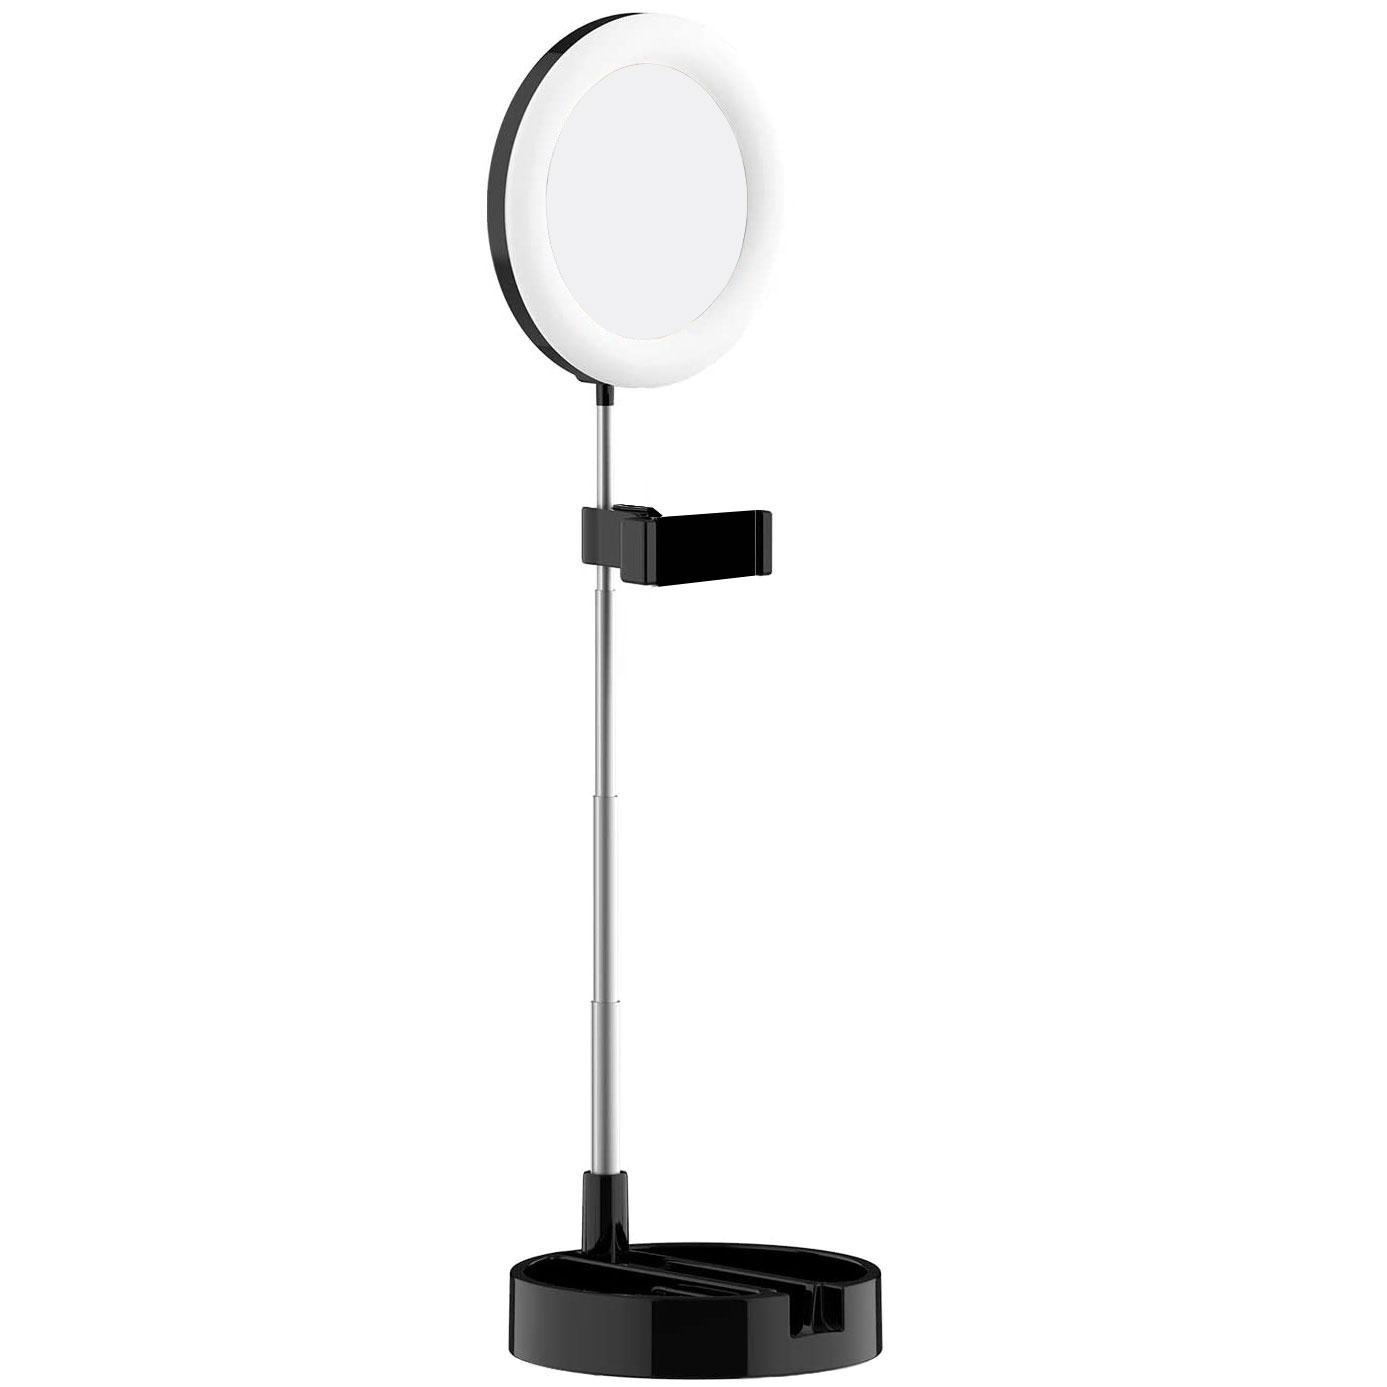 رینگ لایت آرایشی و آینه مدل G3